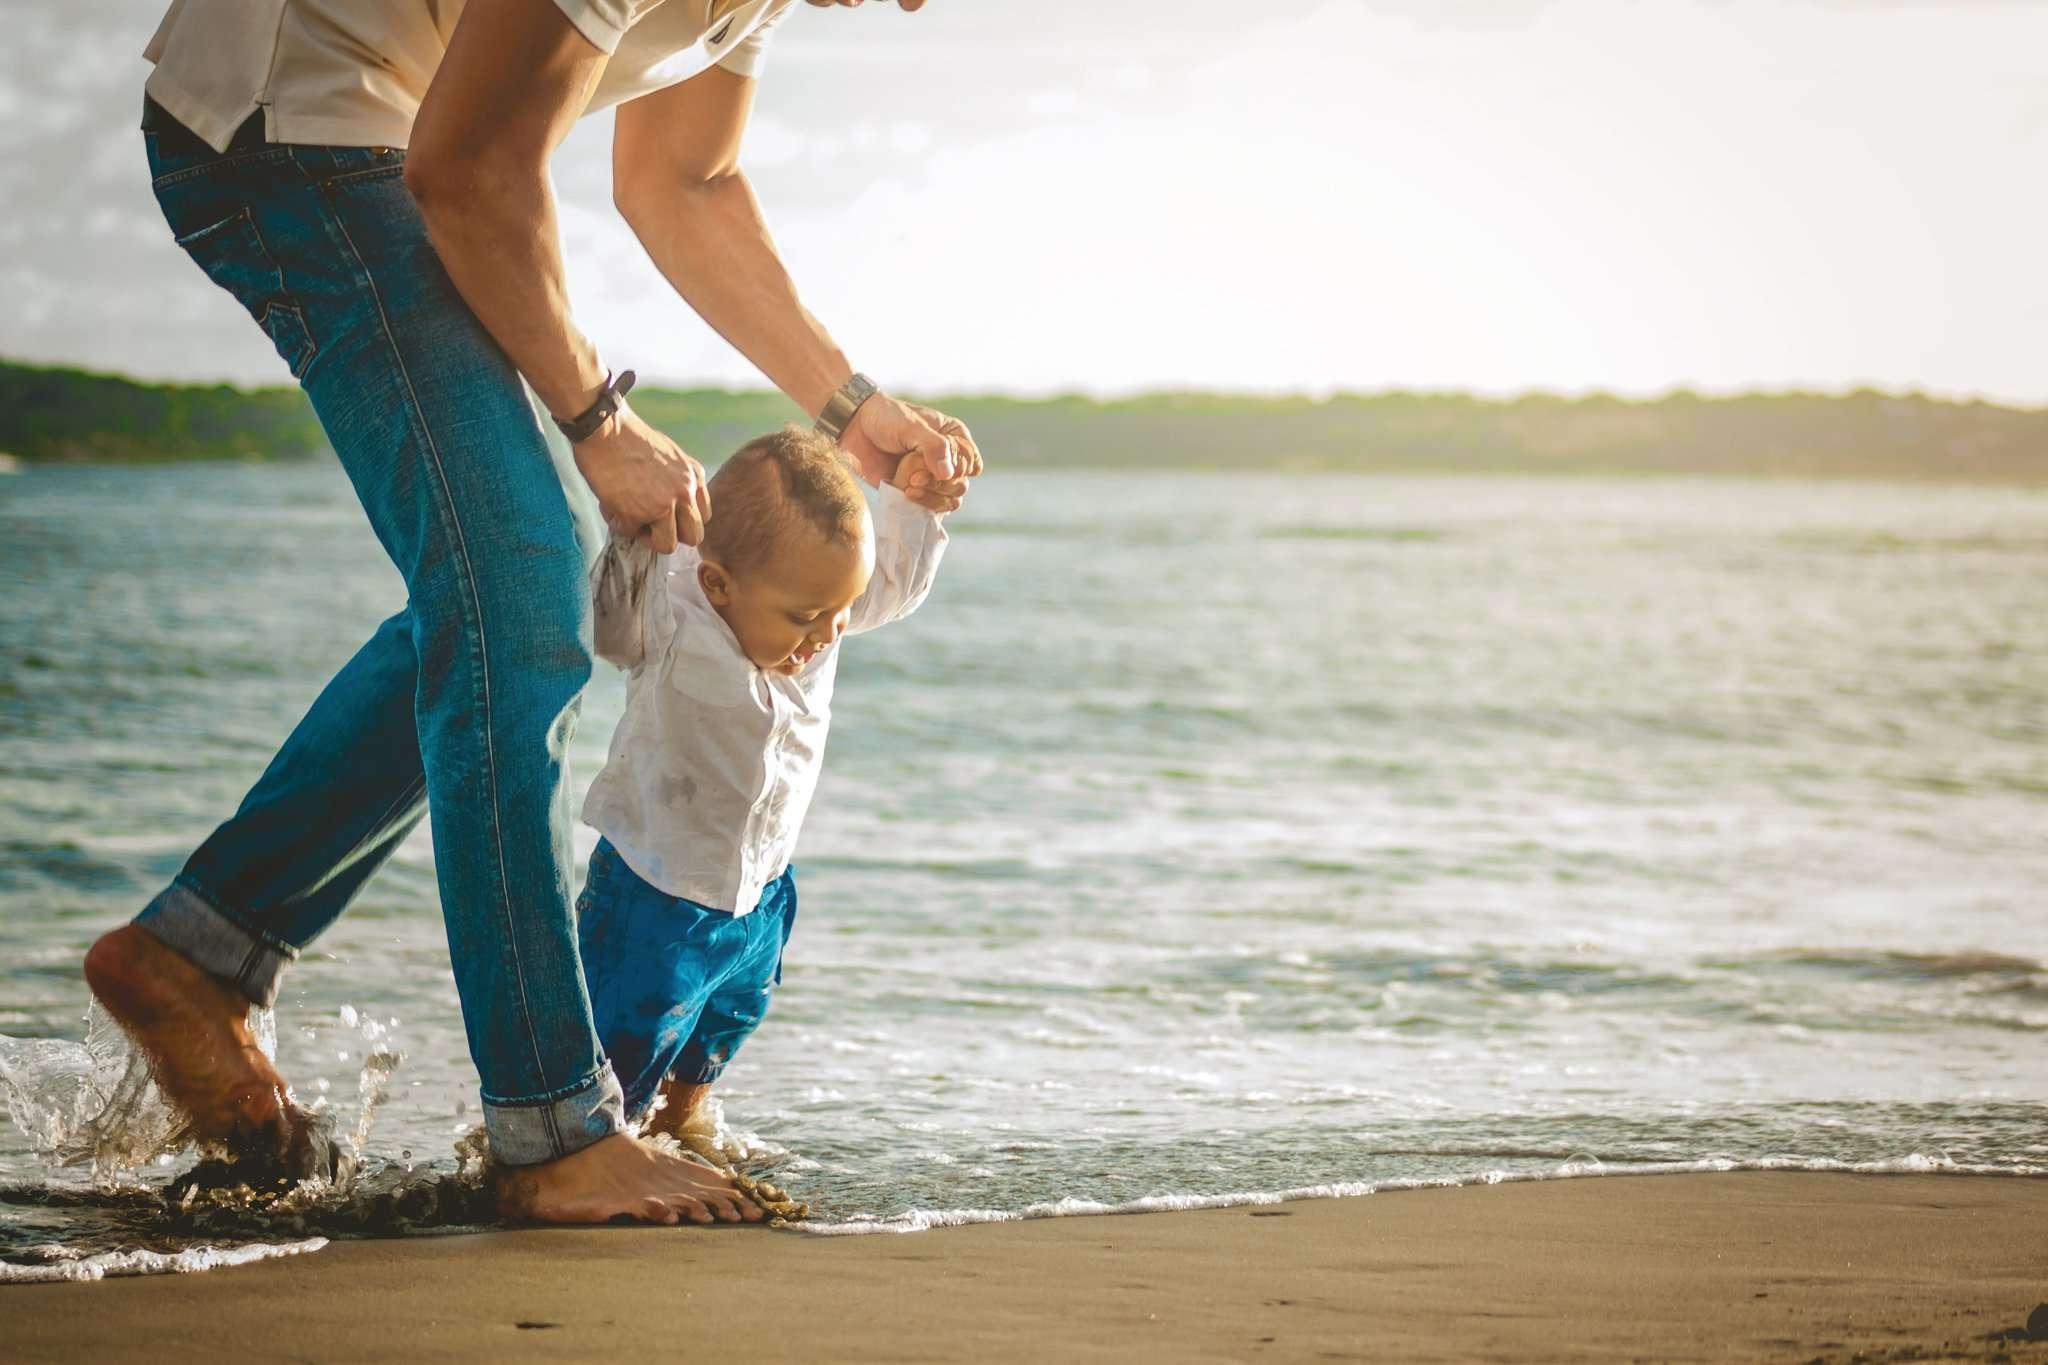 Die ersten Schritte mit Kind sind schwierig.